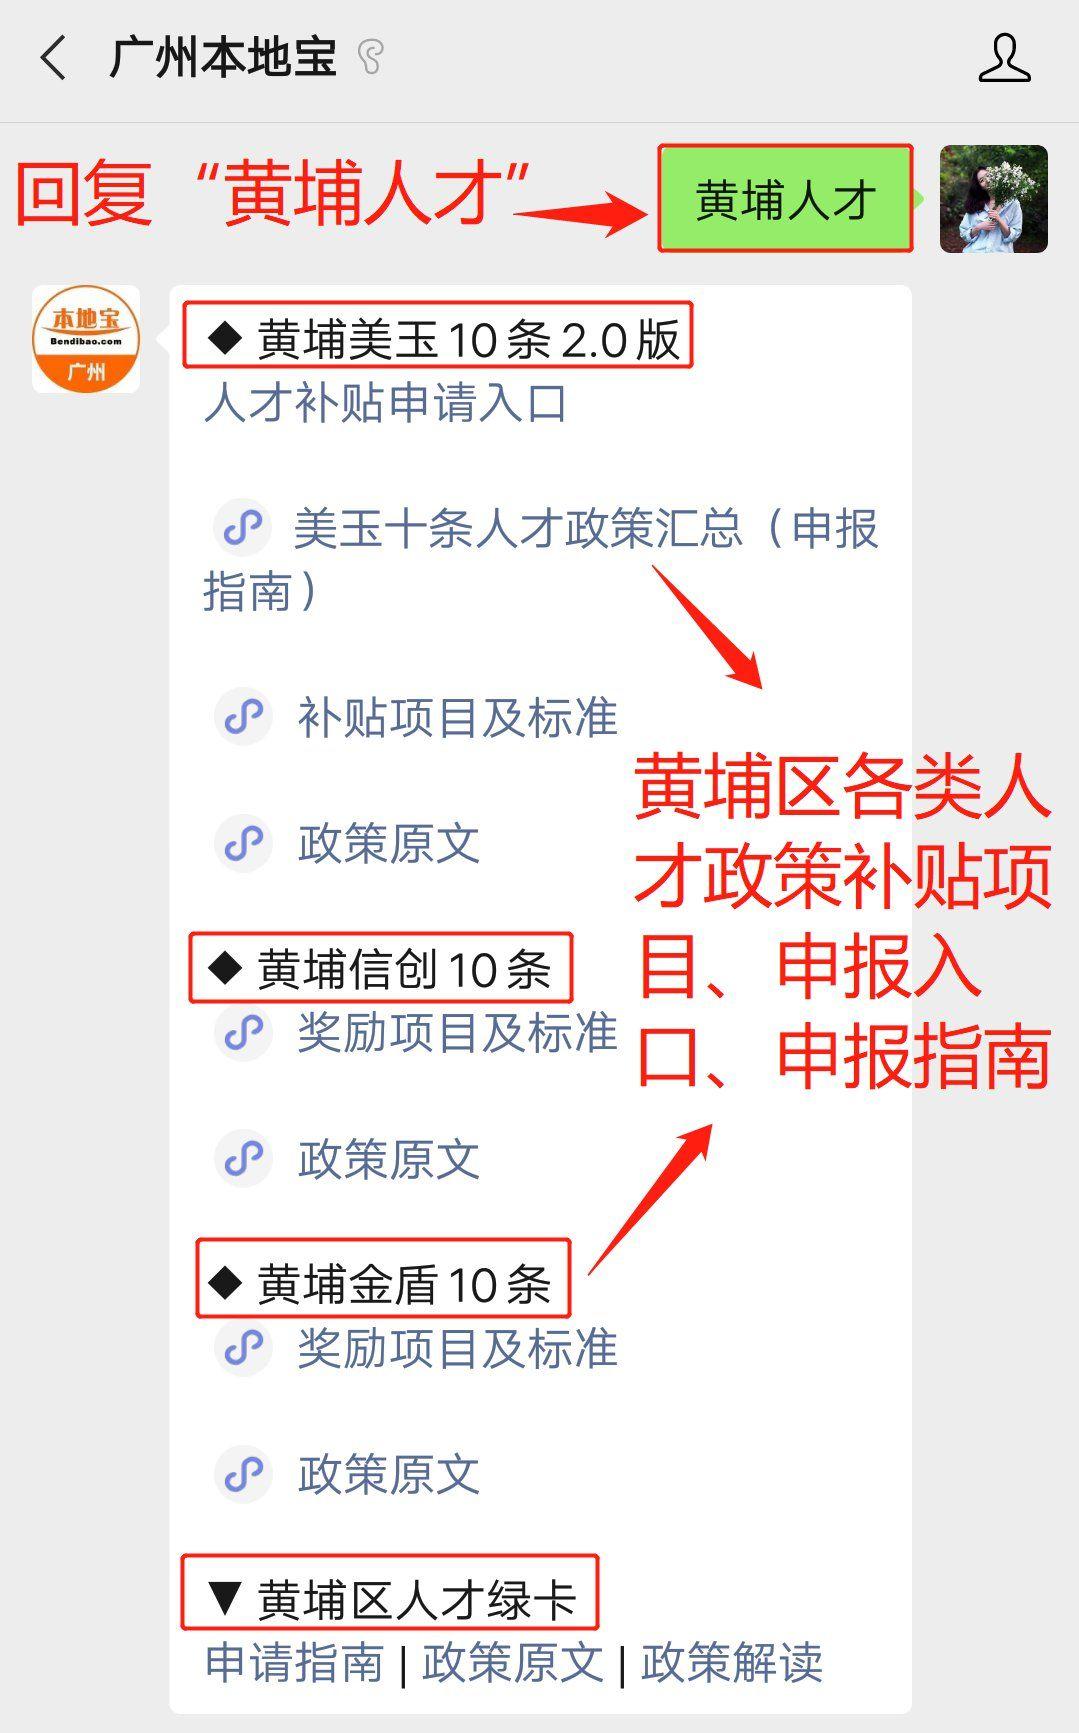 广州黄埔区2020高新技术产业研发